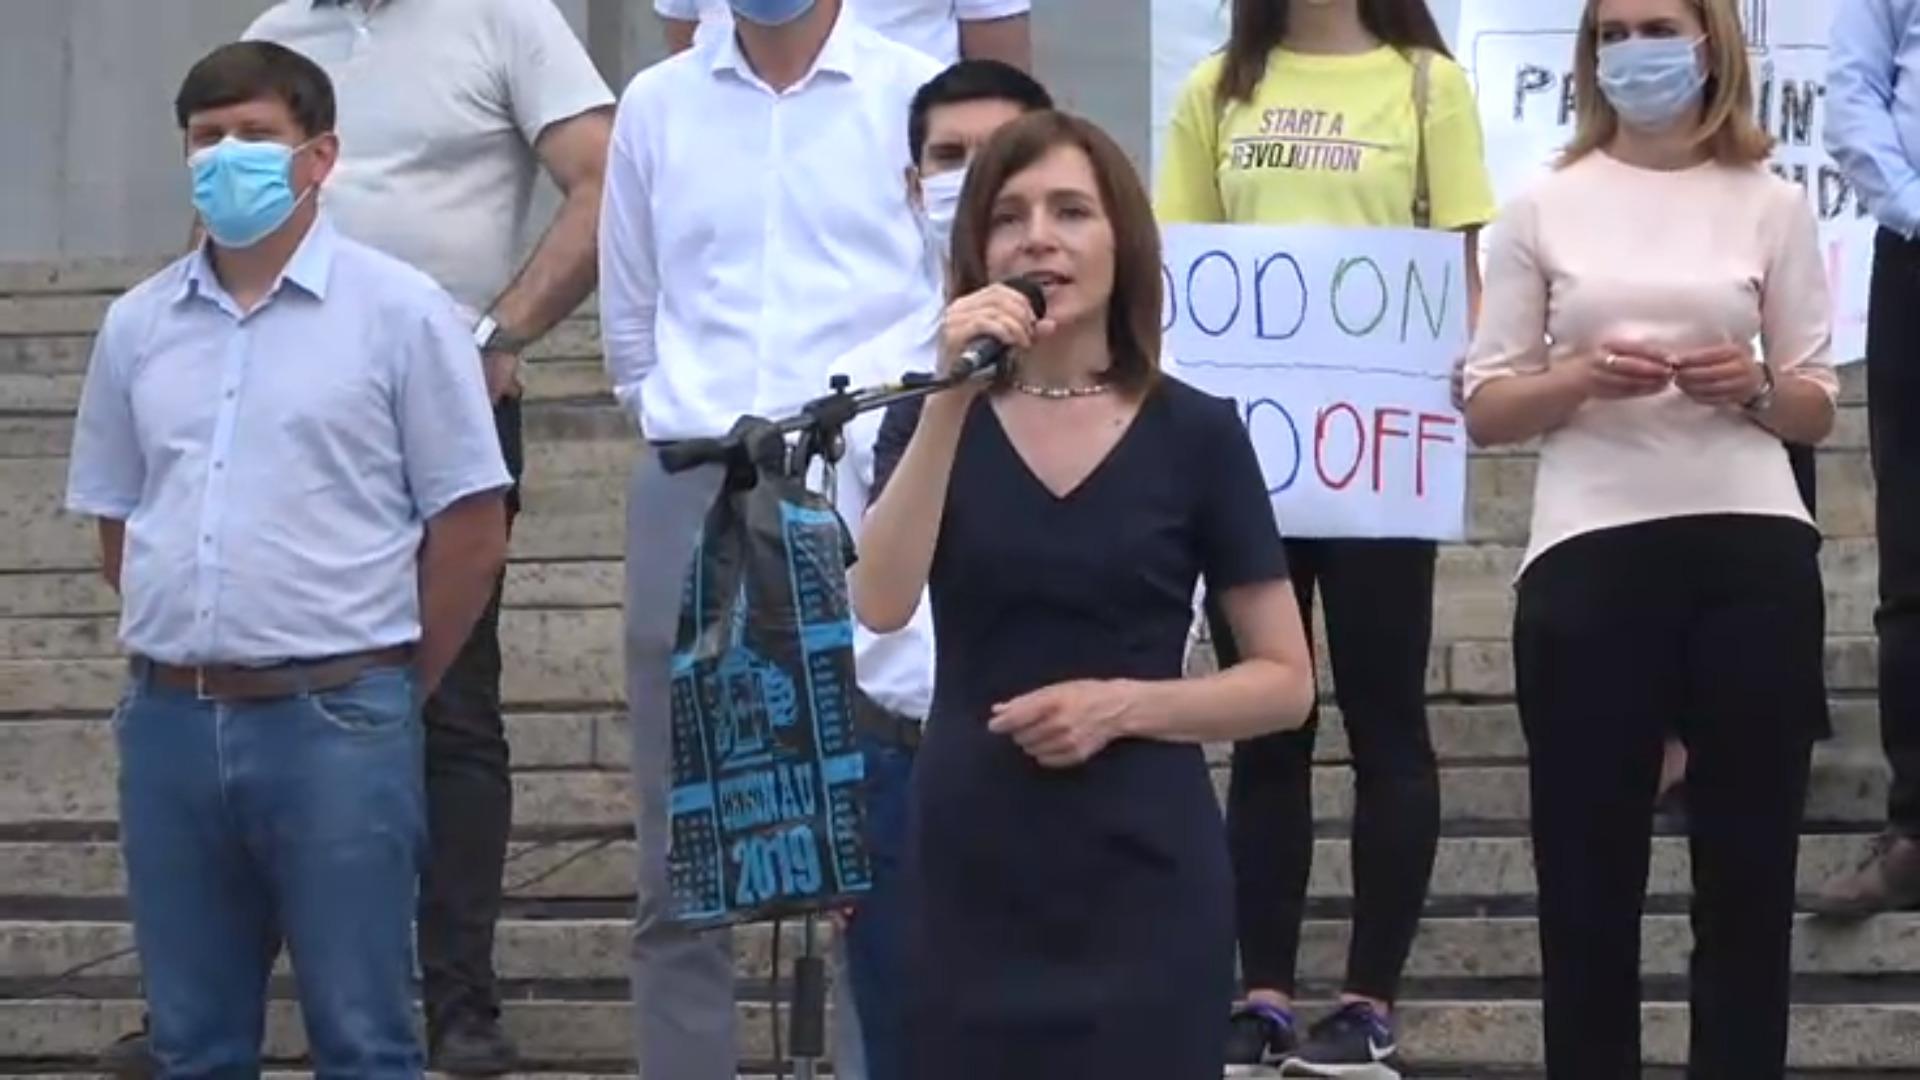 """(VIDEO) """"Învingem hoția, oprim sărăcia!"""" Acțiune de protest organizată de Partidul Acțiune și Solidaritate"""